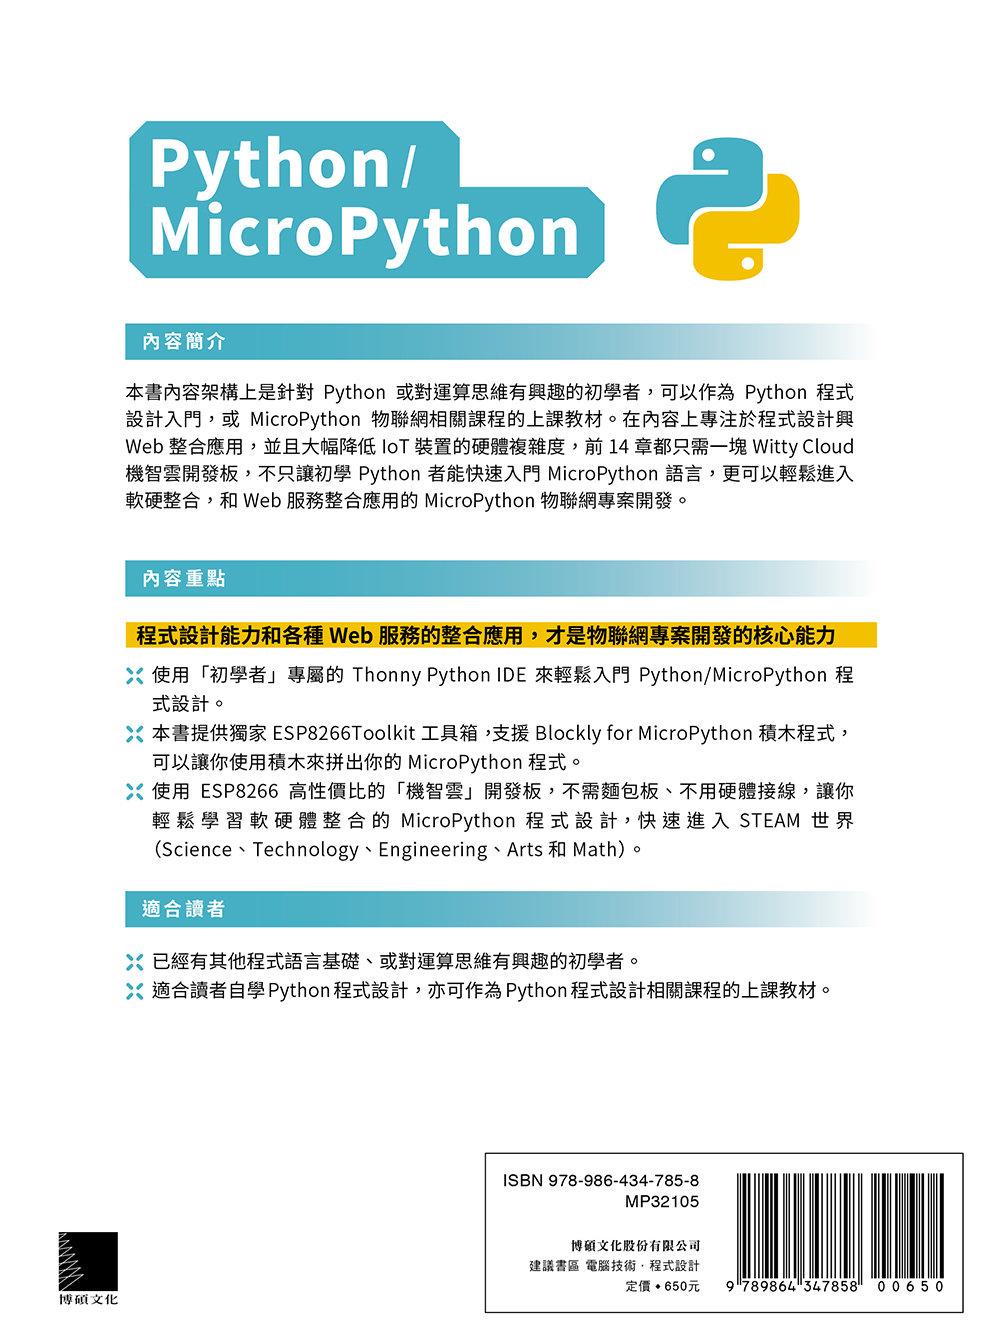 超簡單 Python / MicroPython 物聯網應用:堆積木寫程式輕鬆學習軟硬體整合-preview-14